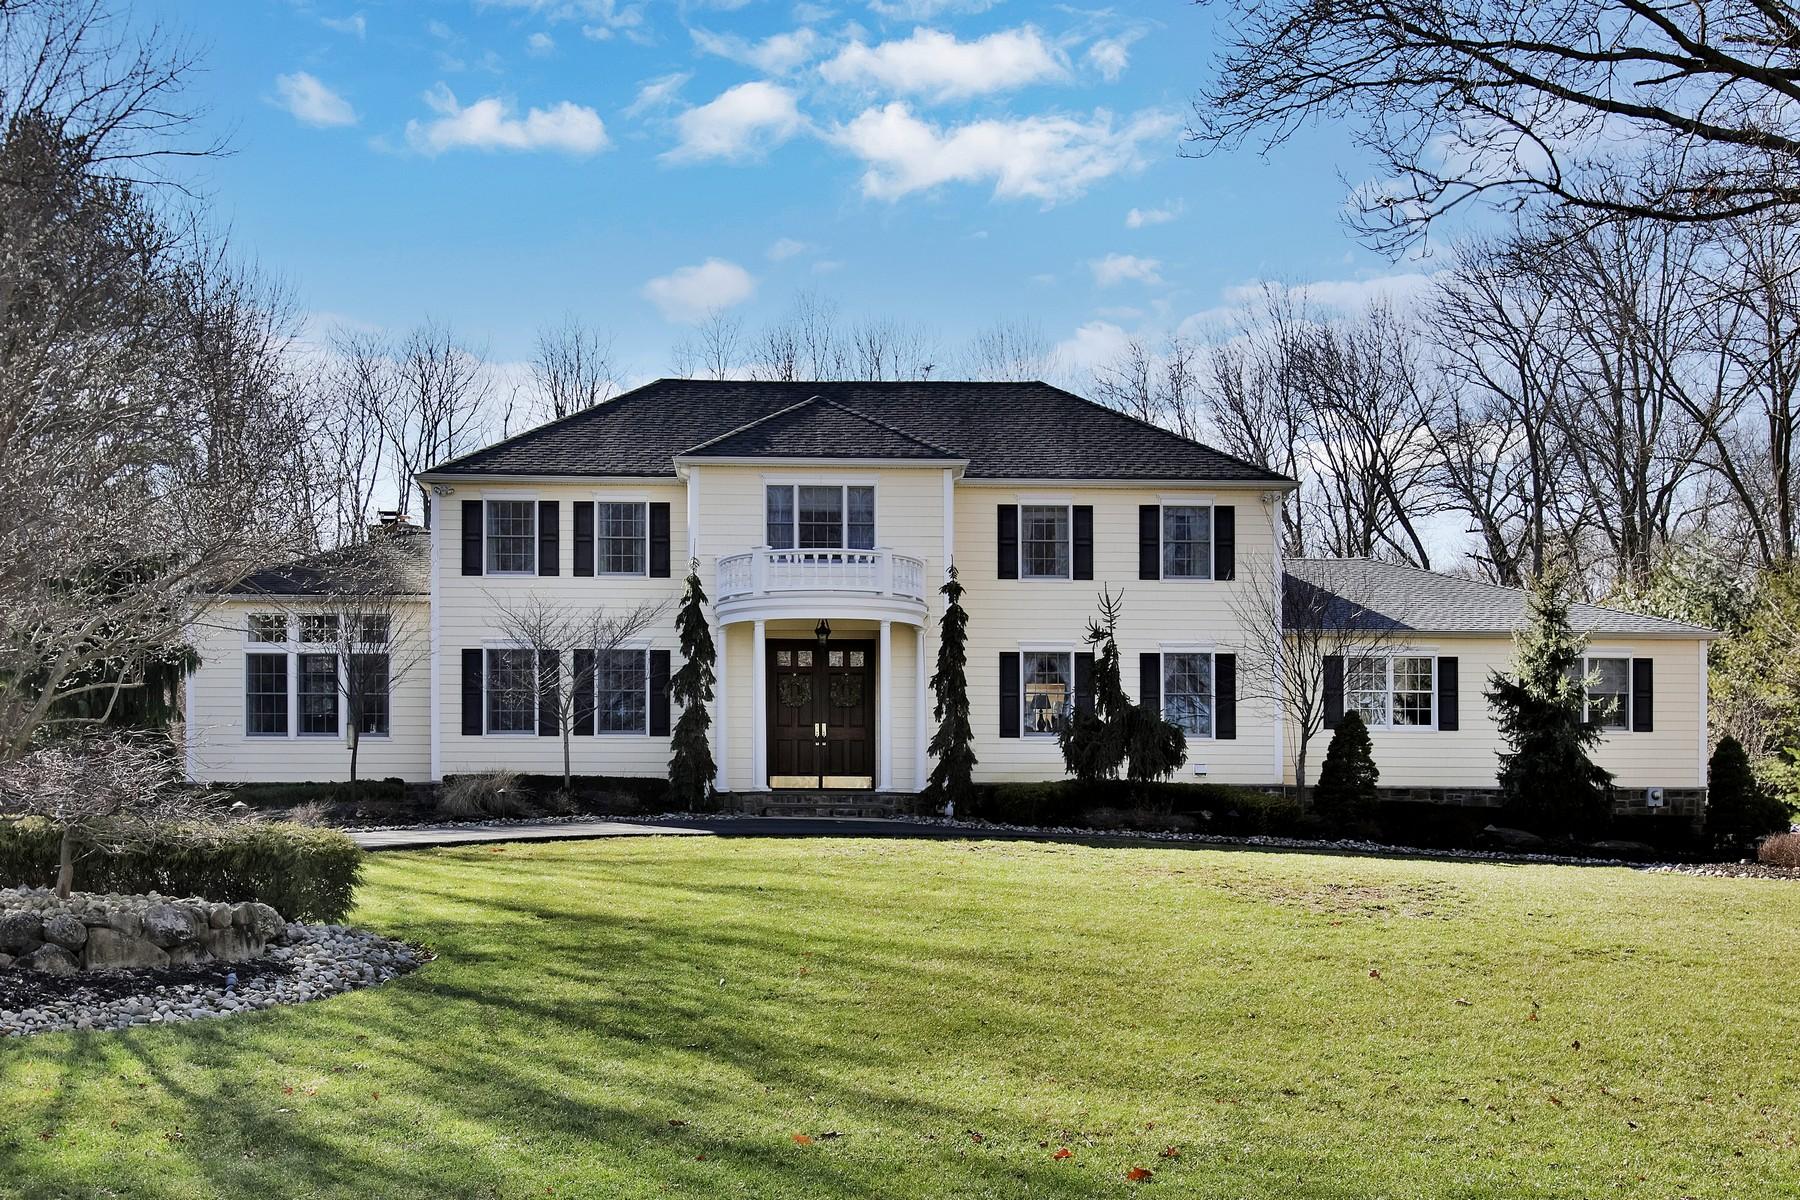 Villa per Vendita alle ore Family Oasis 10 Beaver Dam Rd Colts Neck, New Jersey, 07722 Stati Uniti